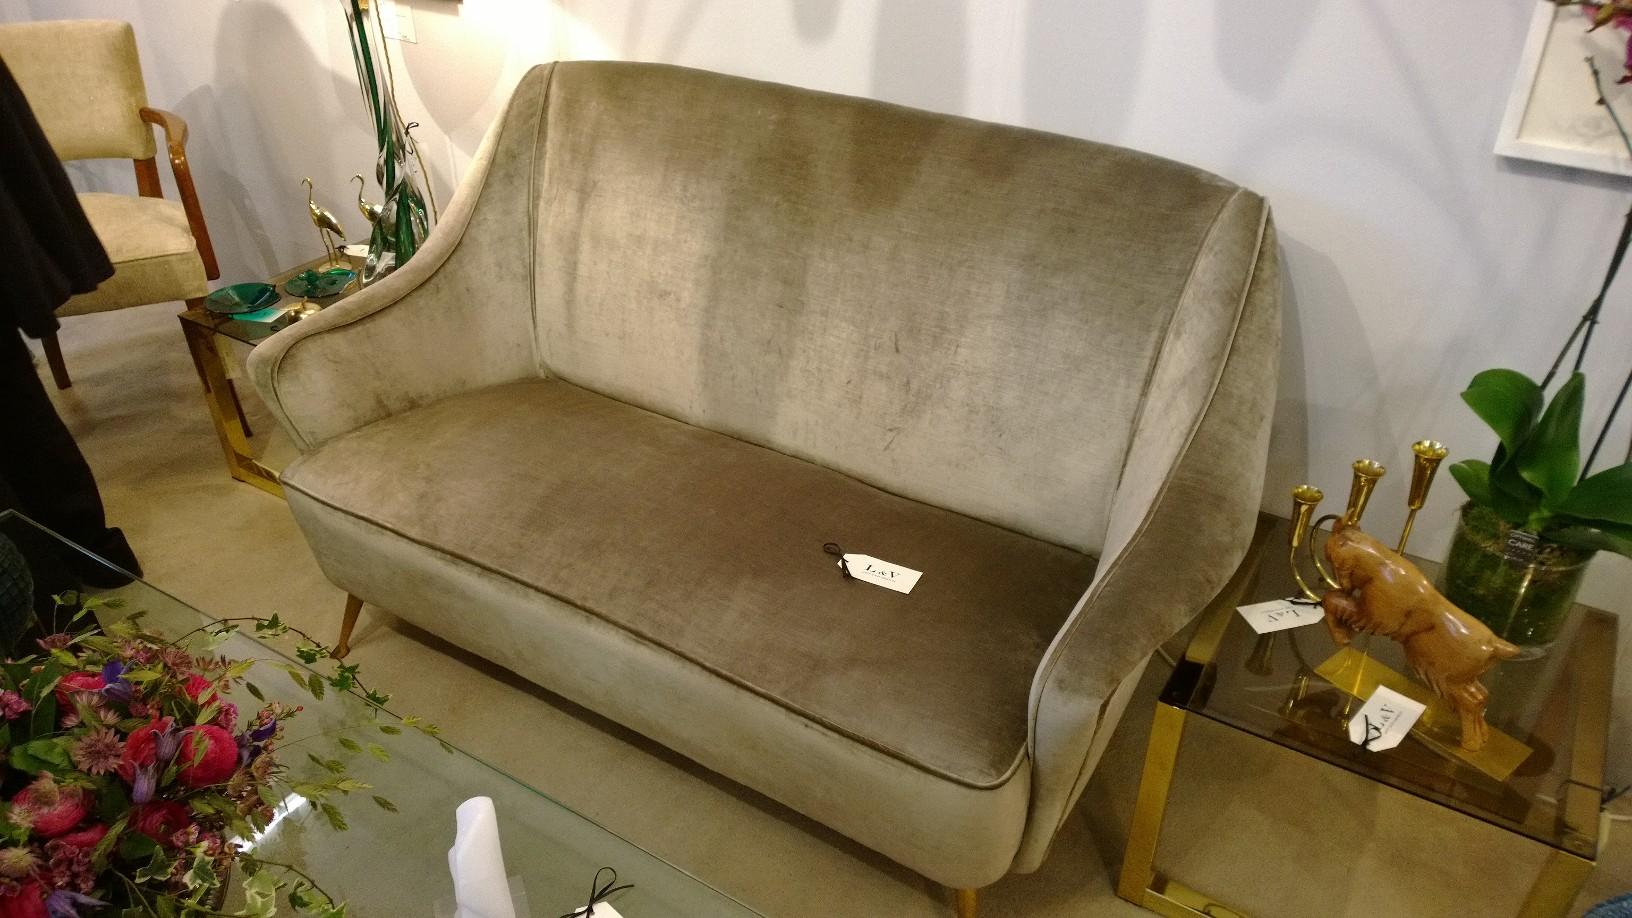 Italian 1950s sofa with brass legs, upholstered in Designers Guild Glenville velvet